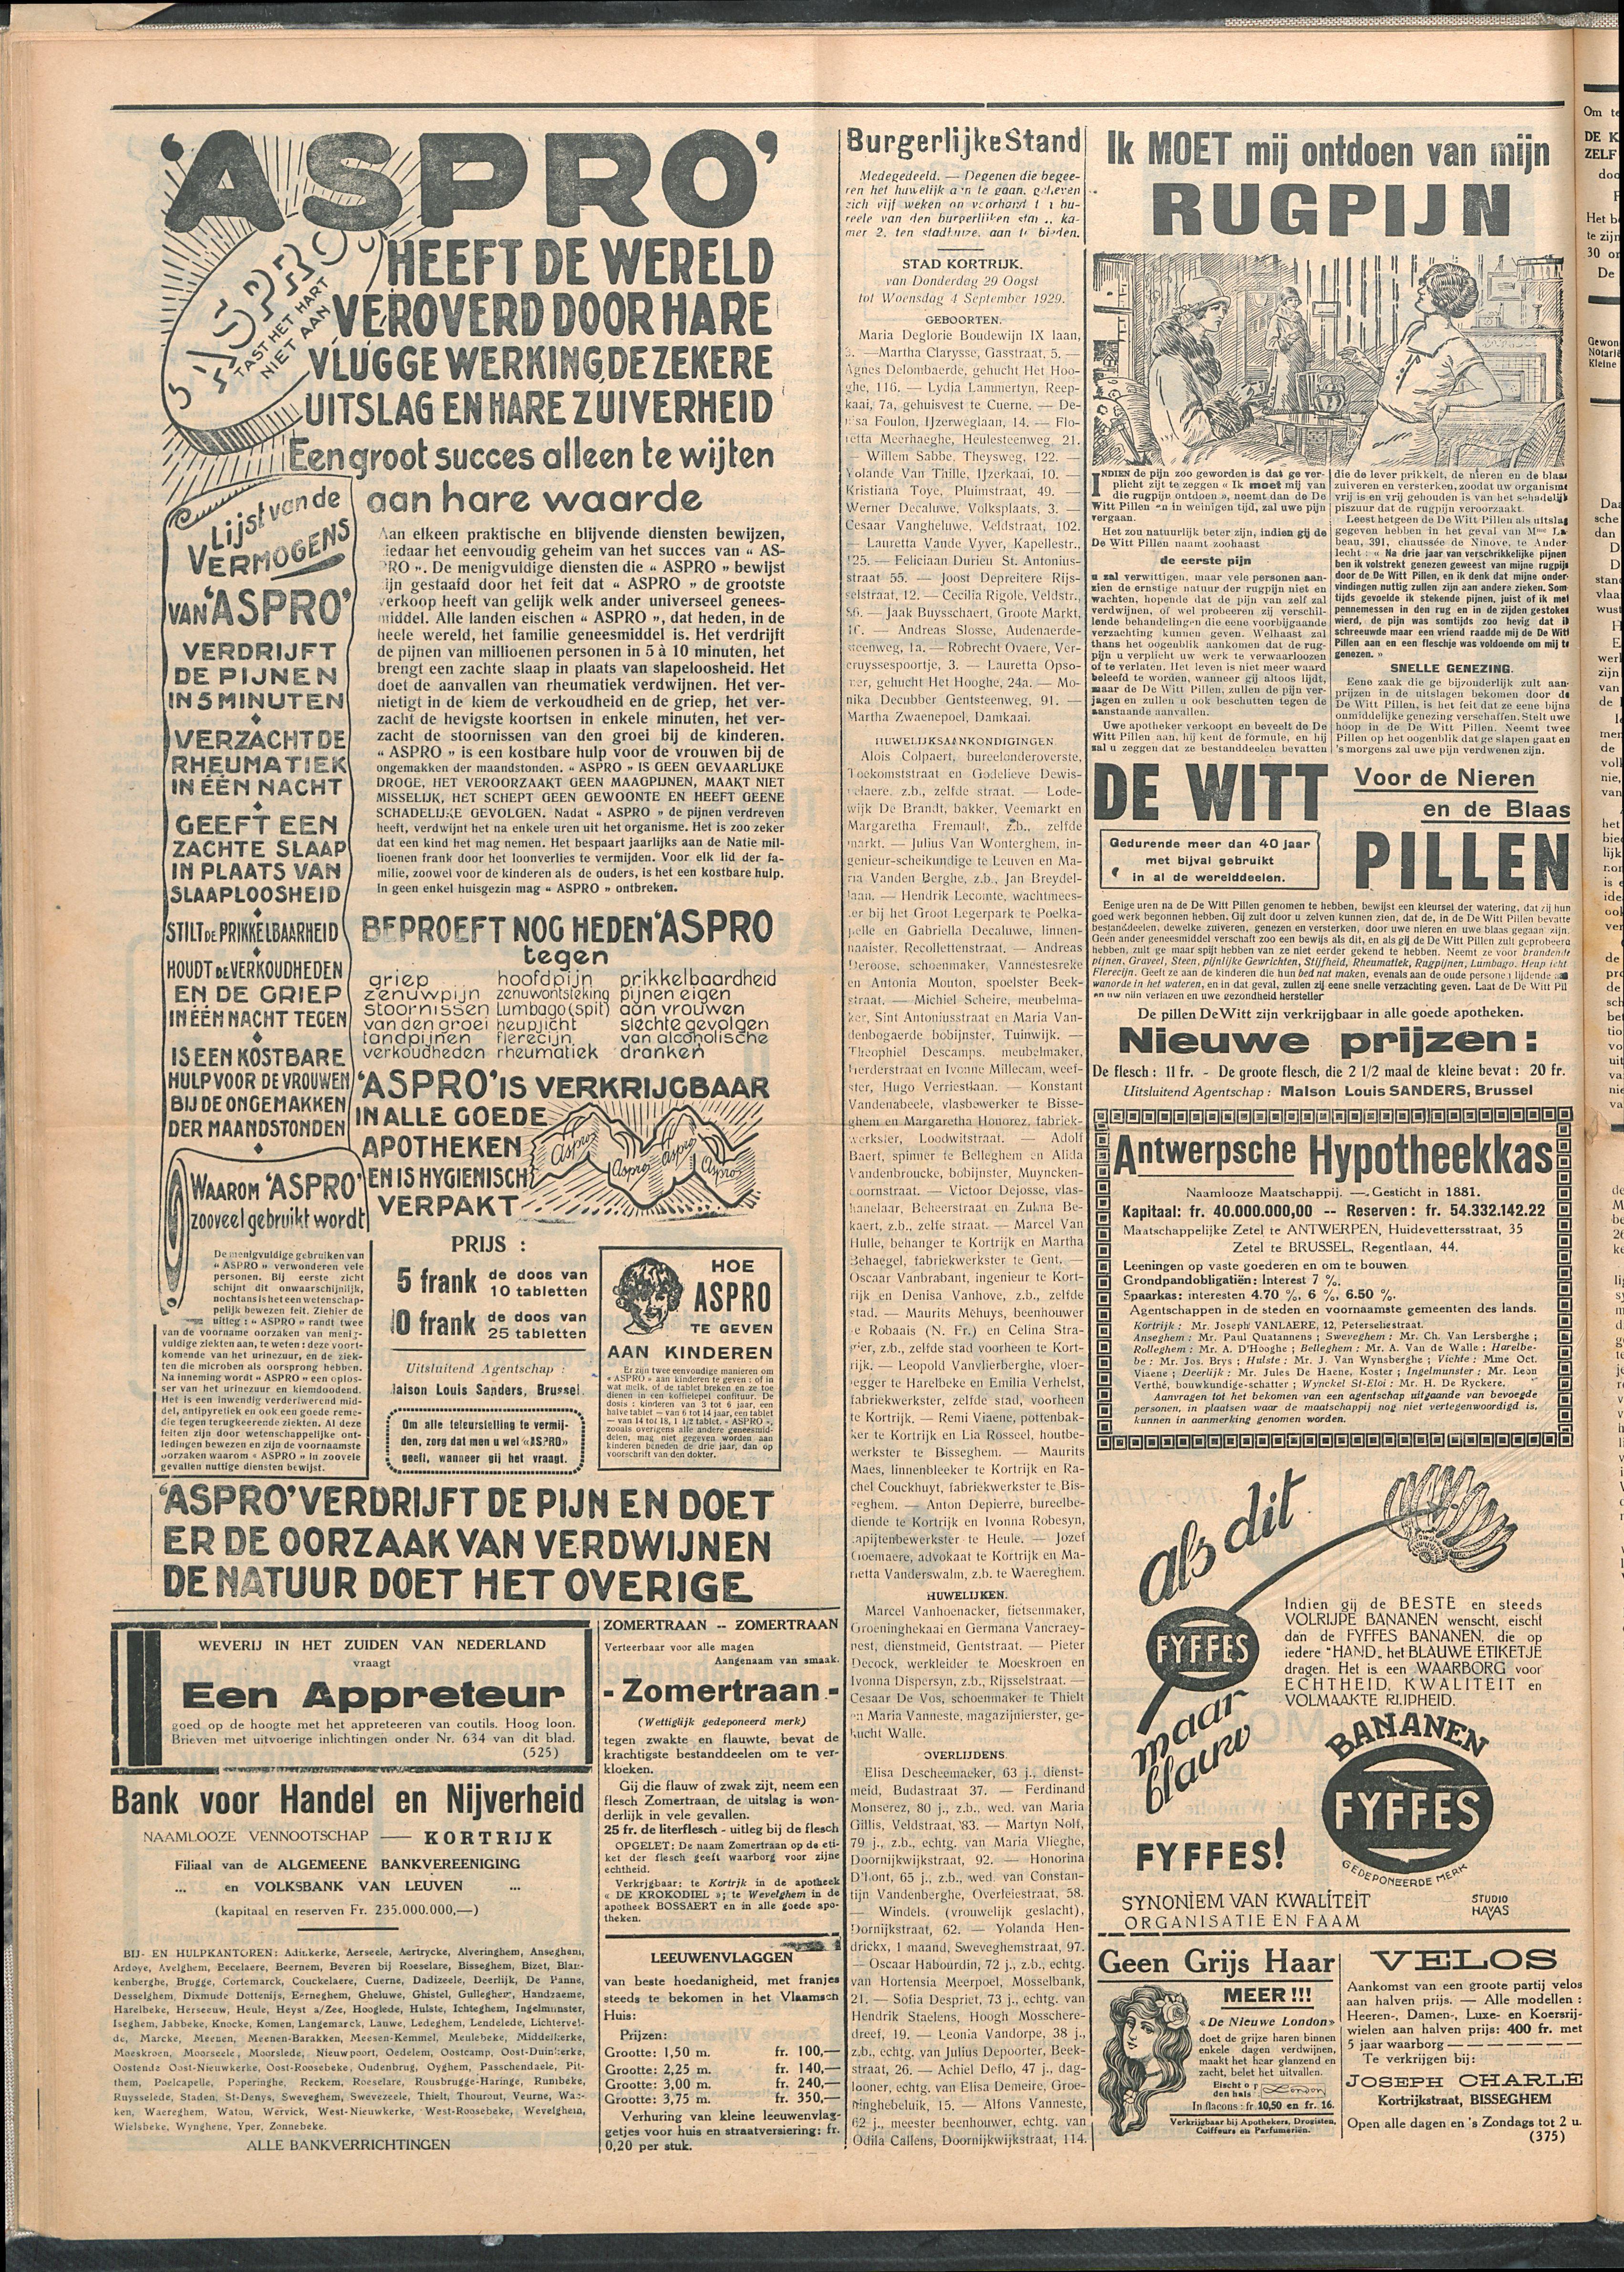 Het Kortrijksche Volk 1929-09-08 p4